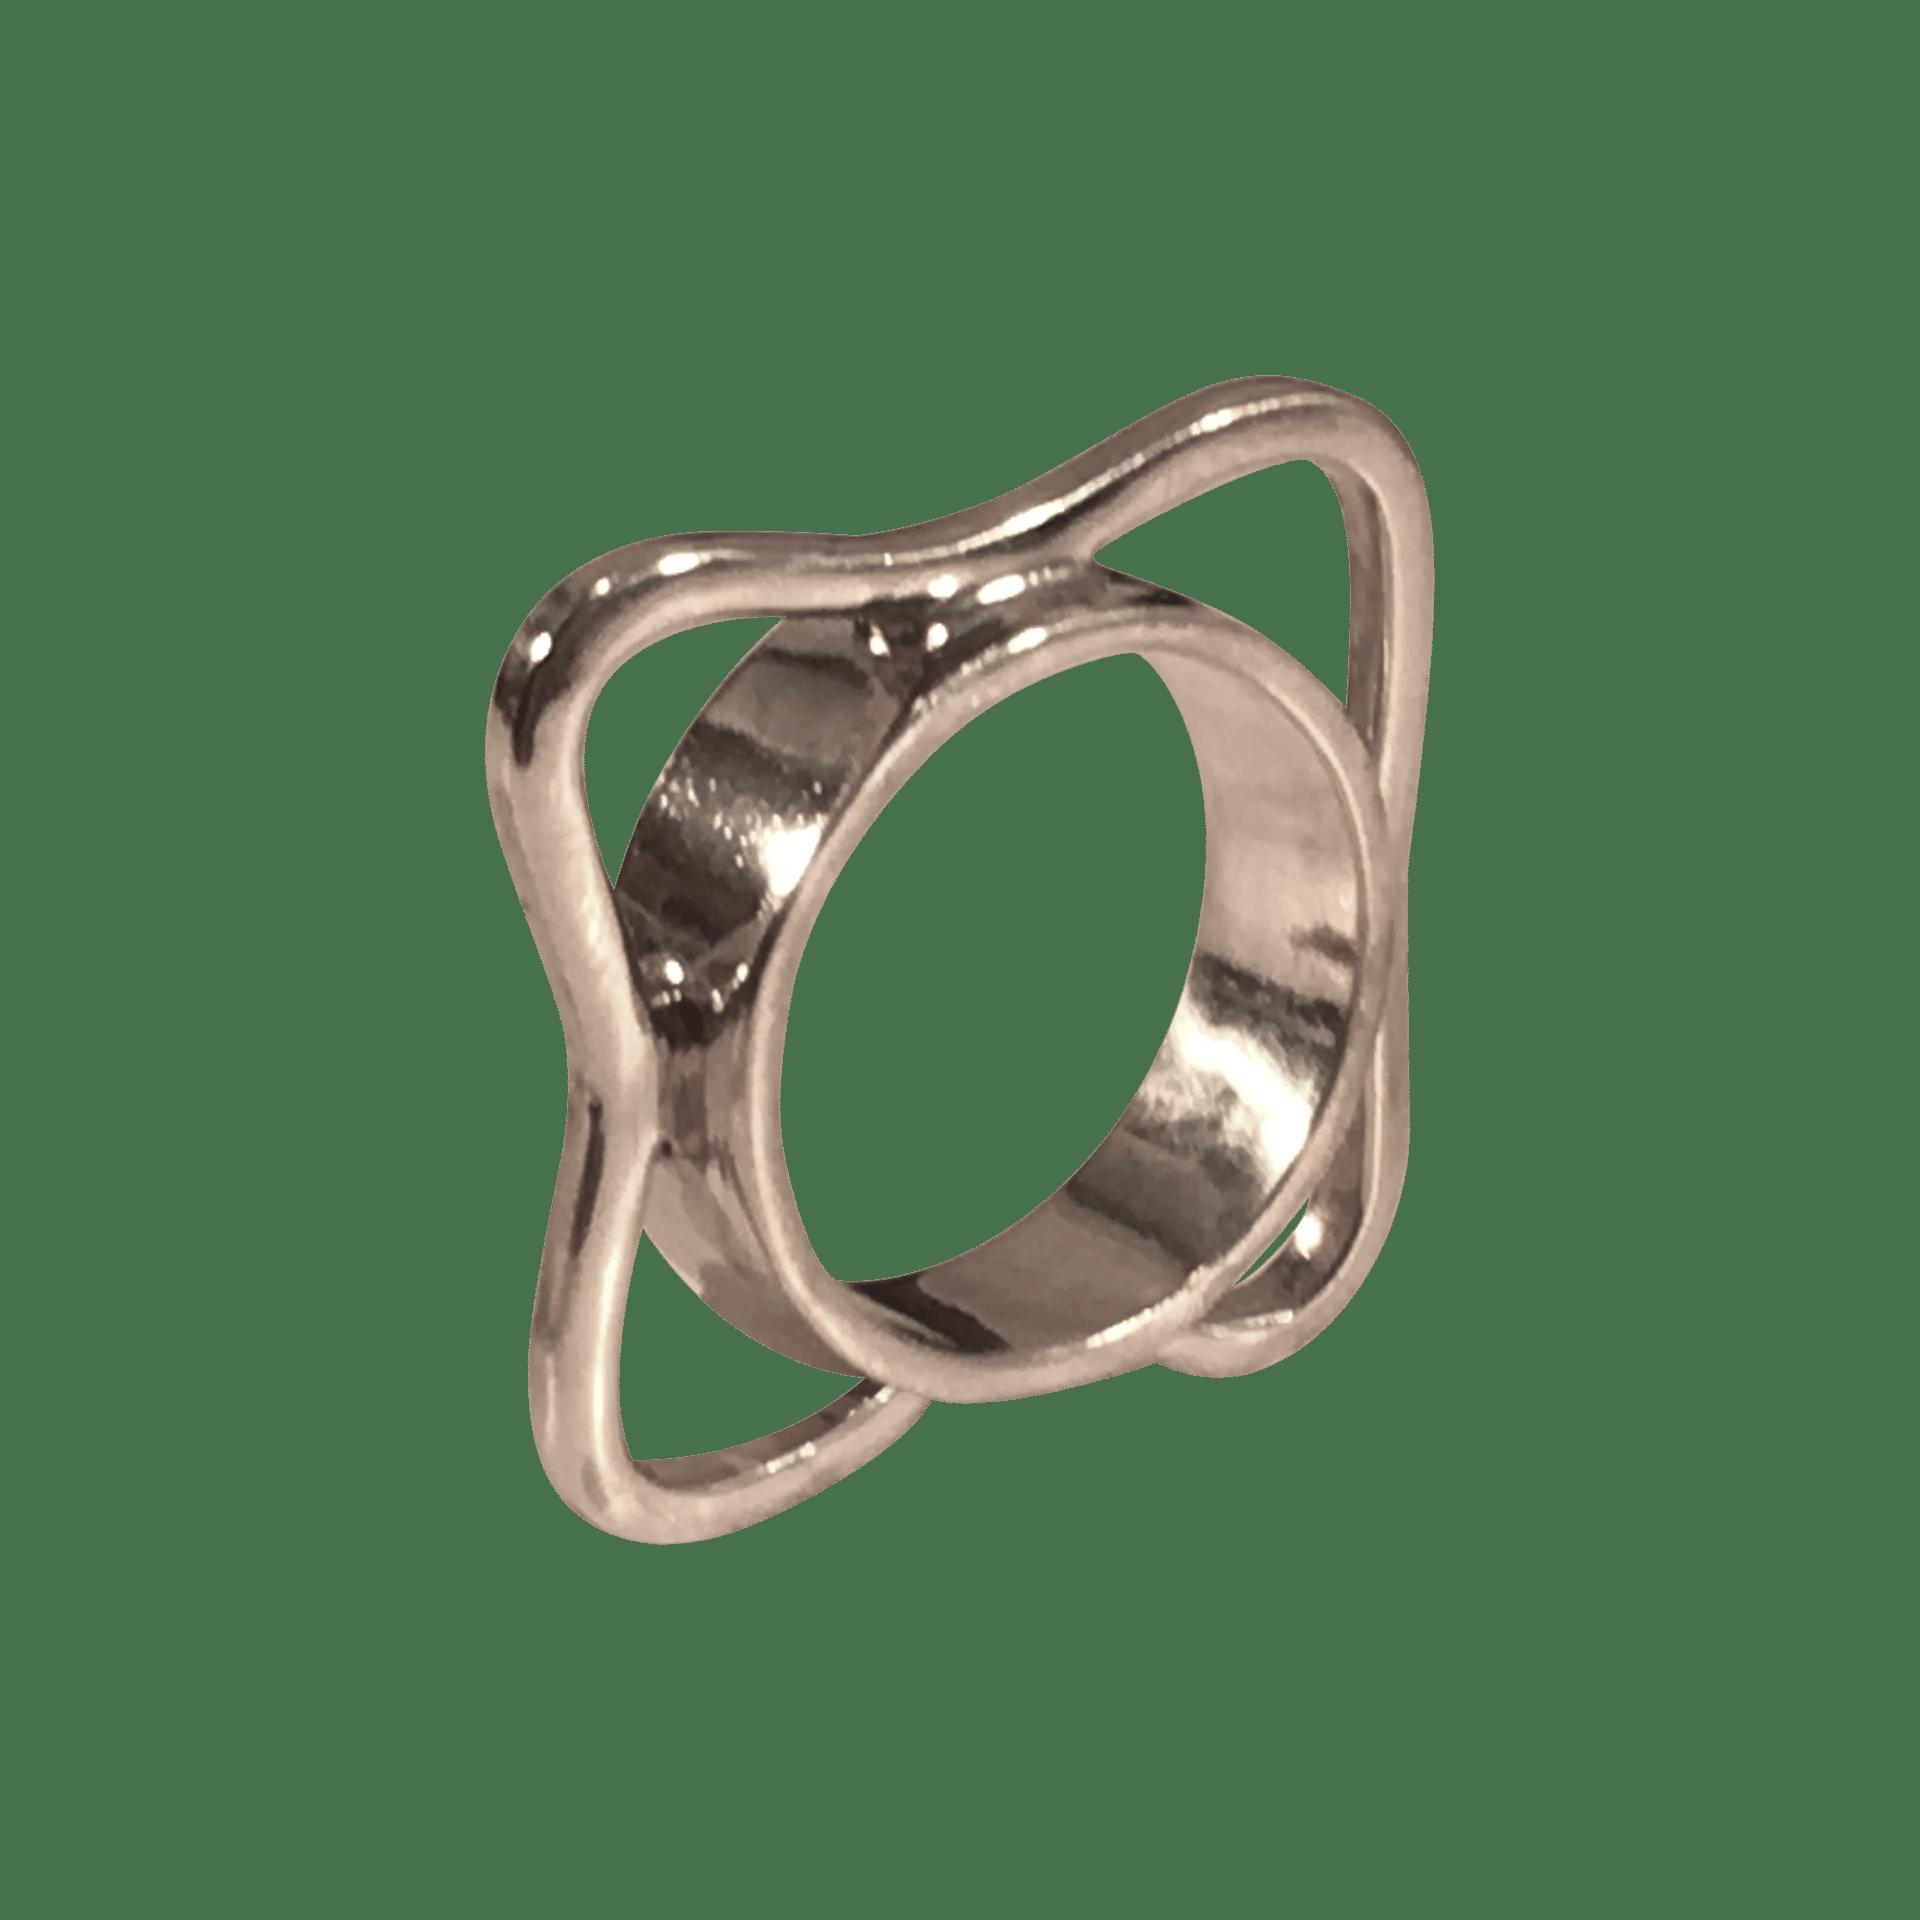 Pernille Müller - KANT ring i sølv. KANT ring in silver